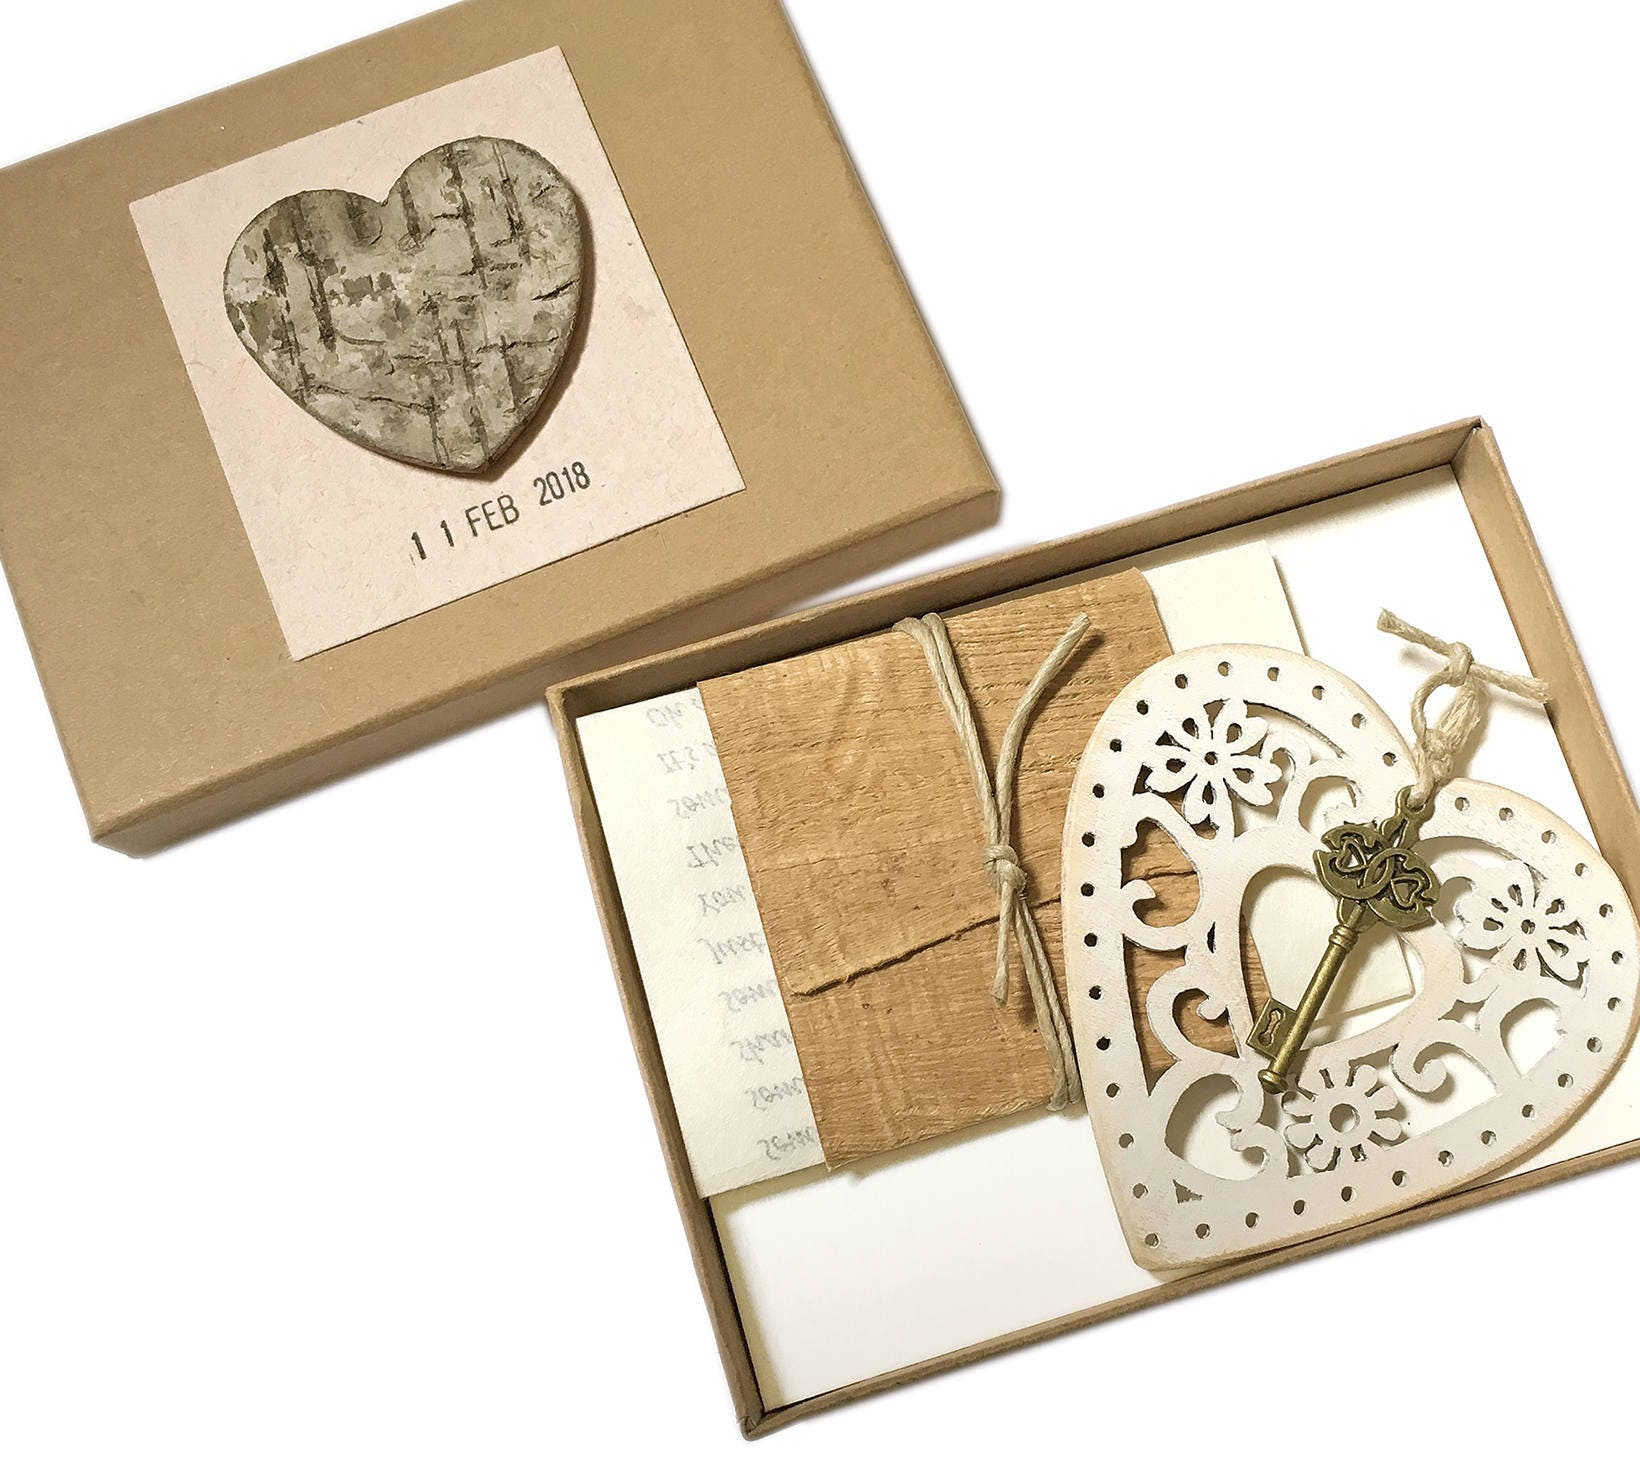 5 Yr Wedding Anniversary Gift: Wood Anniversary Gift For Wife 5 Year Wedding Anniversary